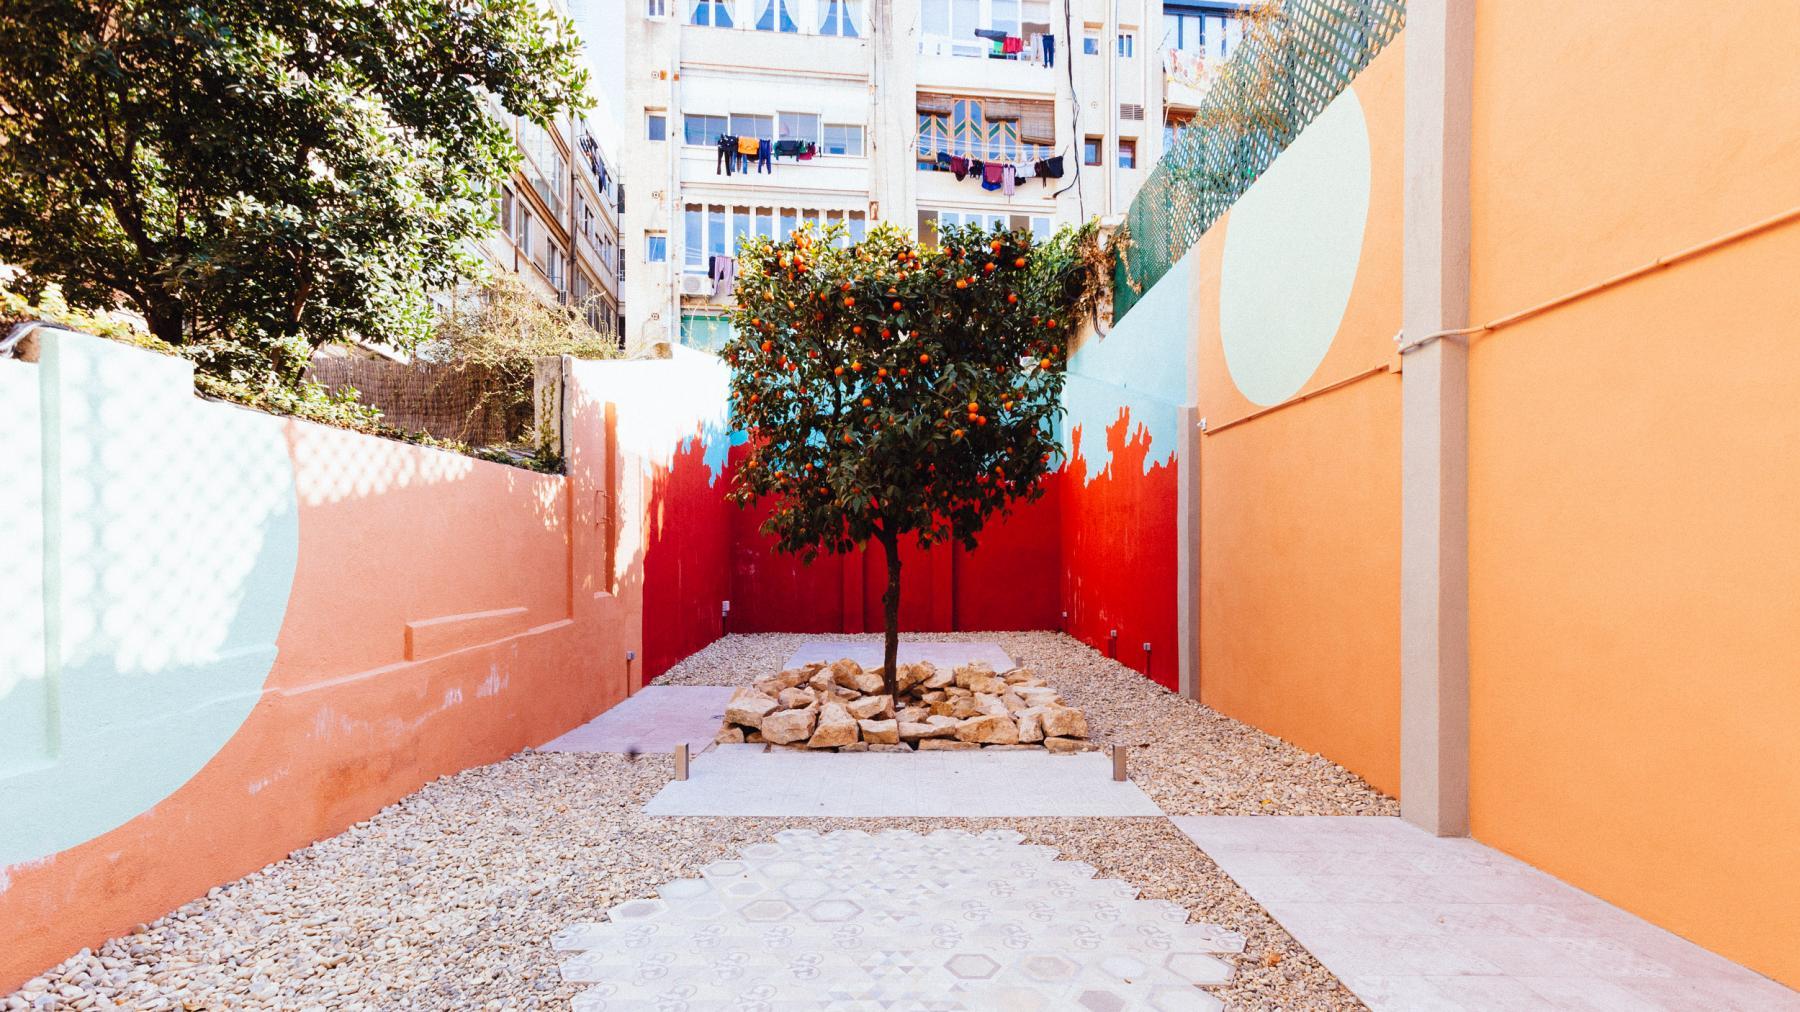 Alquilar oficinas Calle Bretón de los Herreros 9, Barcelona (1)